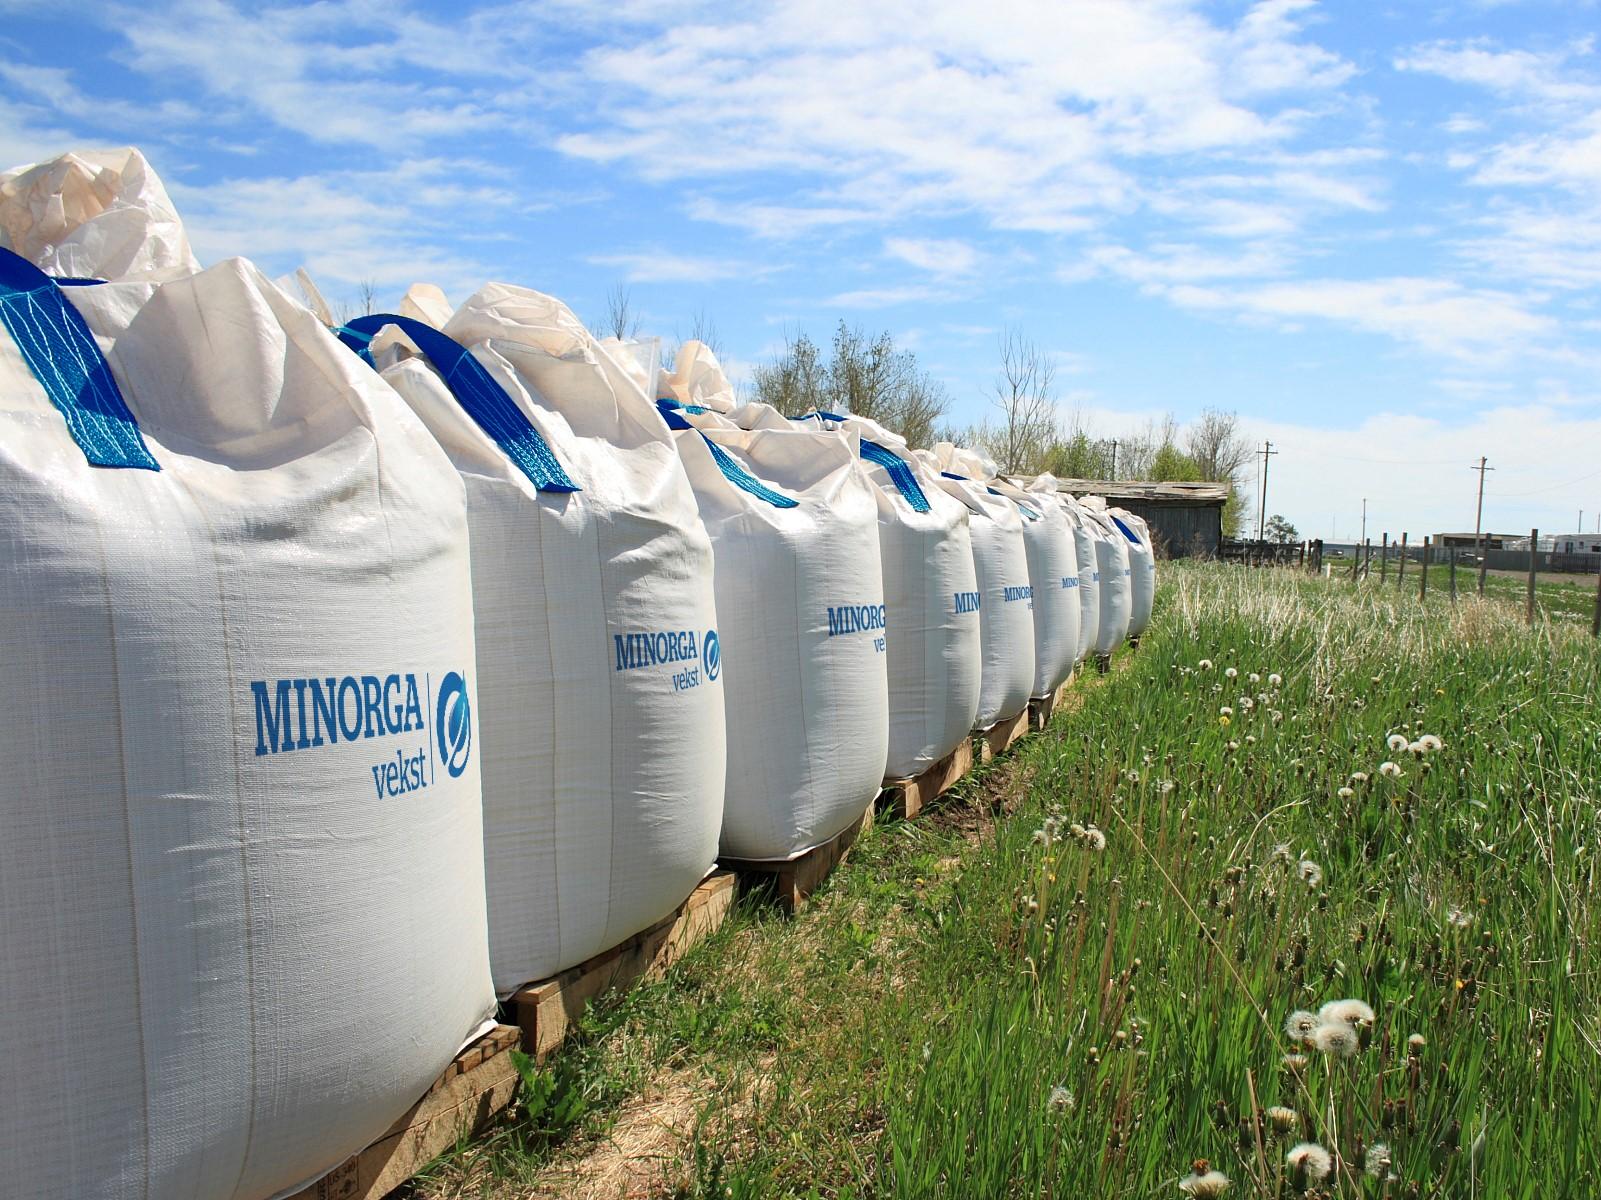 Minorga vekst - From biosolids to fertilizer